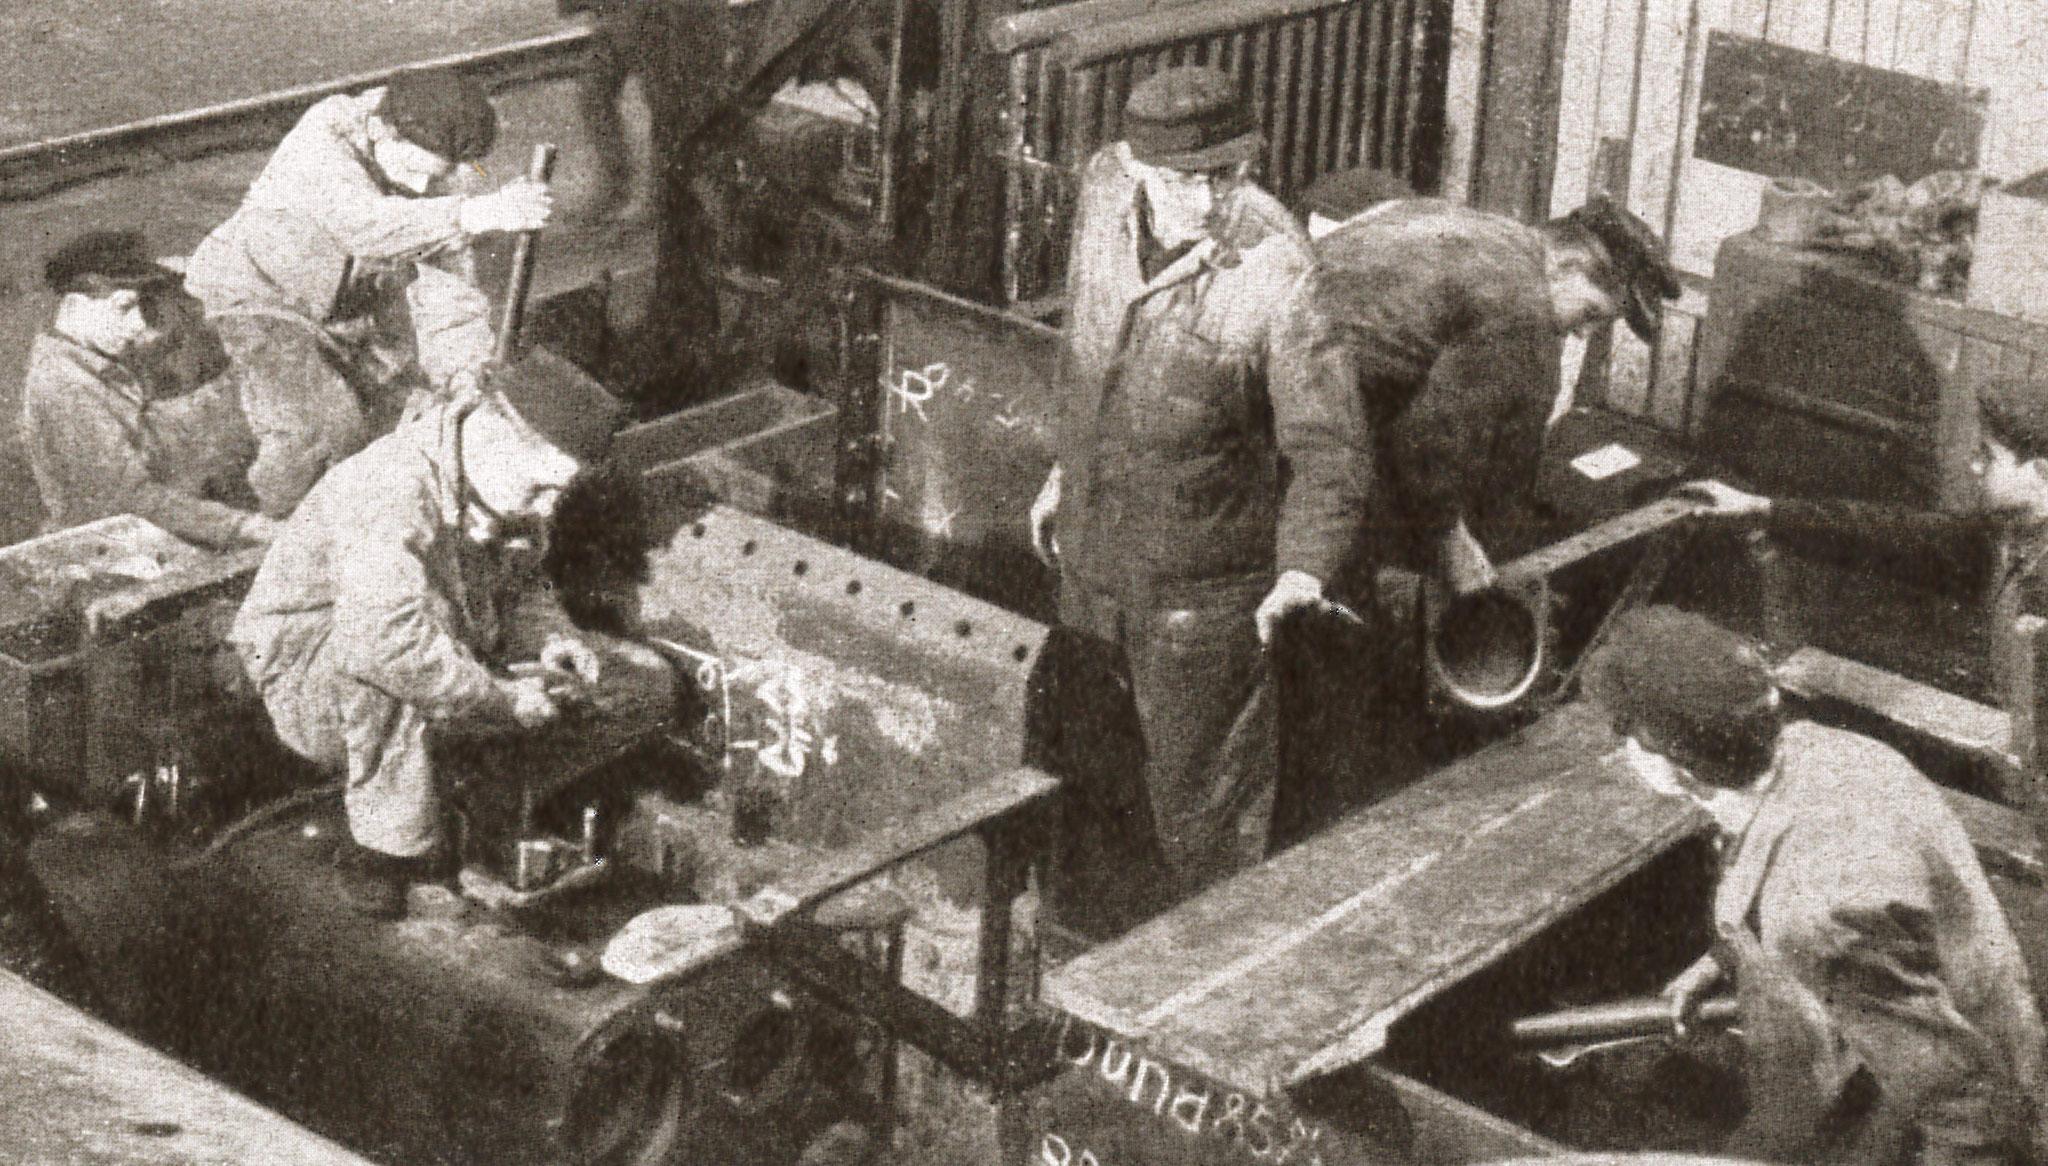 """Die Lehrmontage in der Produktion (Quelle: """"50 Jahre RAW, 50 Jahre Arbeiterbewegung"""", Zwickau, 1958)"""